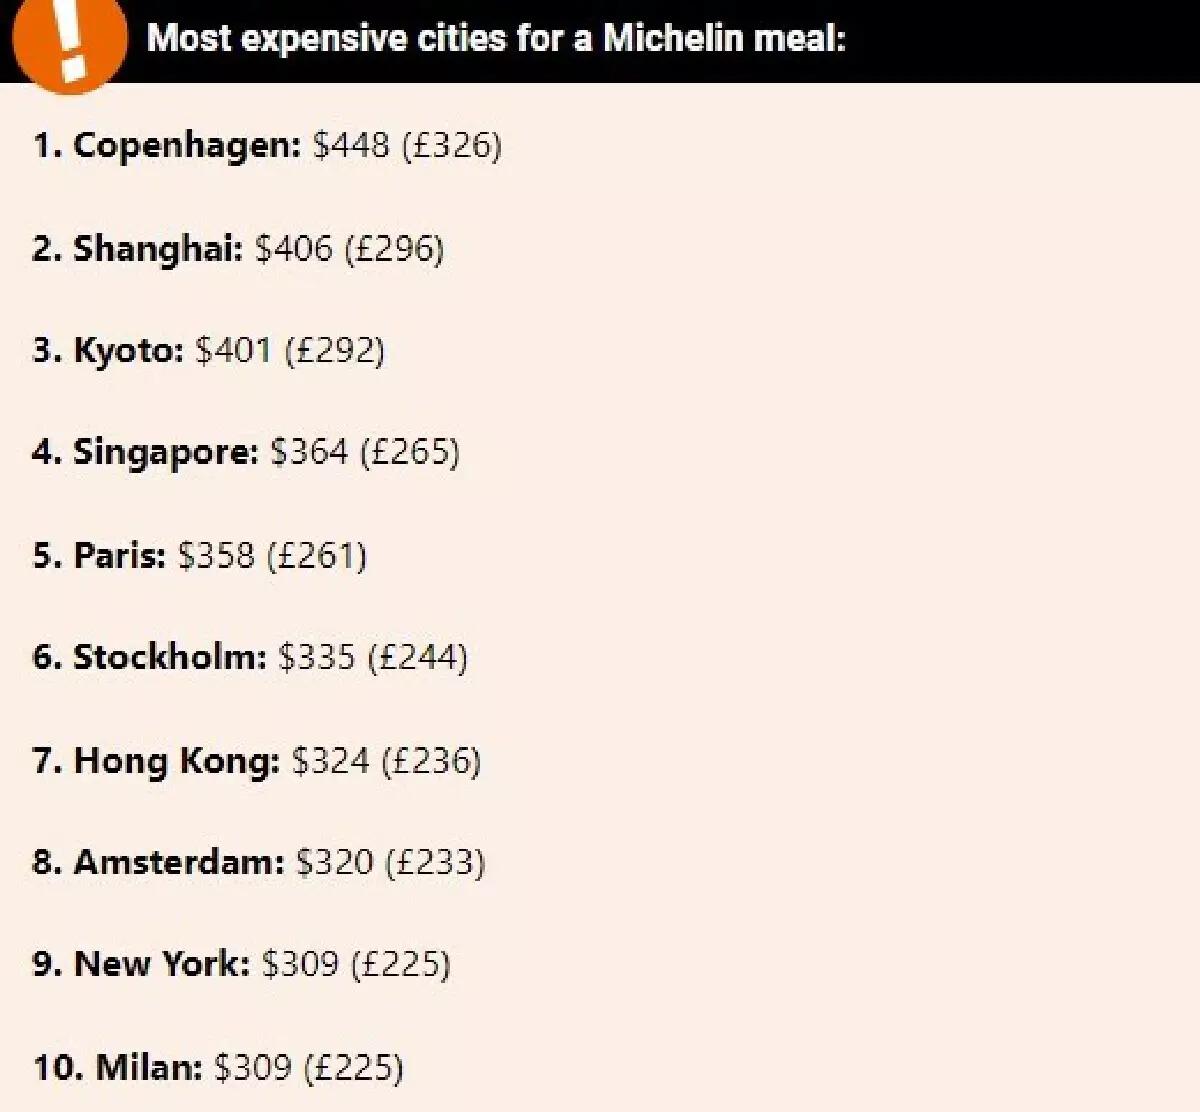 """กรุงเทพฯ ครองอันดับหนึ่ง เมืองที่ราคาอาหารมิชลิน """"ถูกที่สุด"""" ในโลก"""